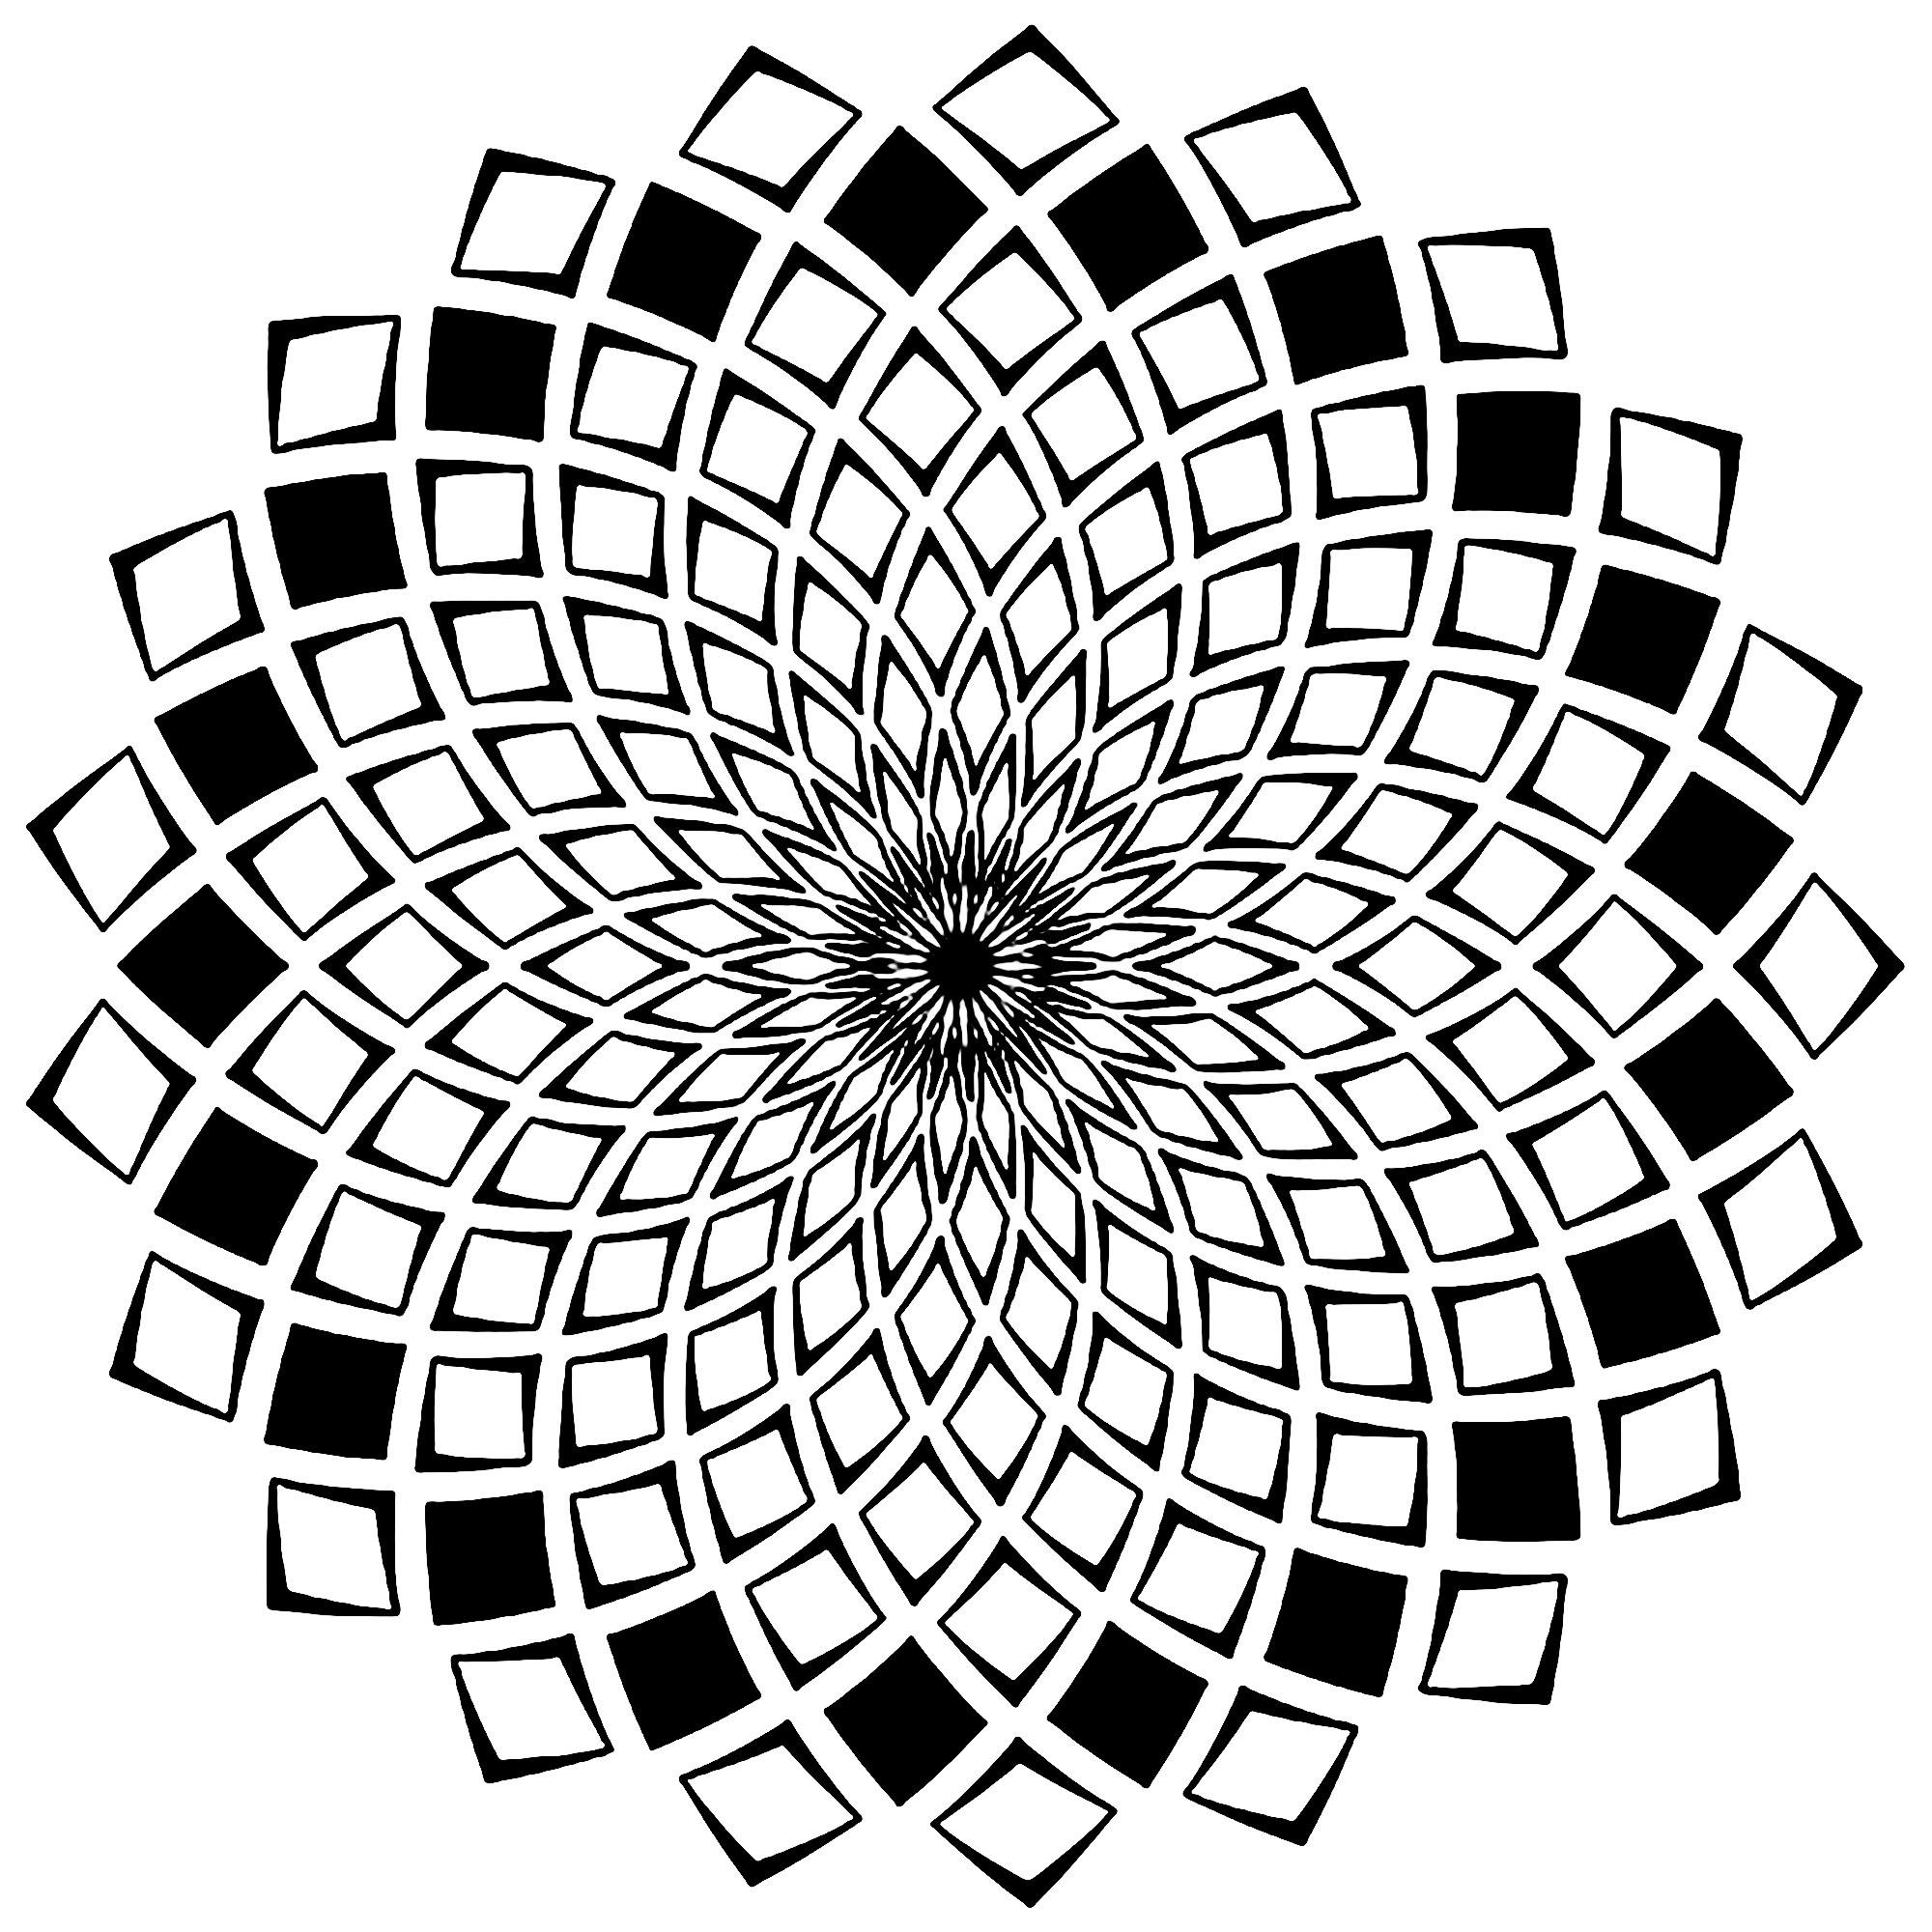 Mandala carres mosaiques mandalas coloriages - Dessin mosaique a imprimer ...